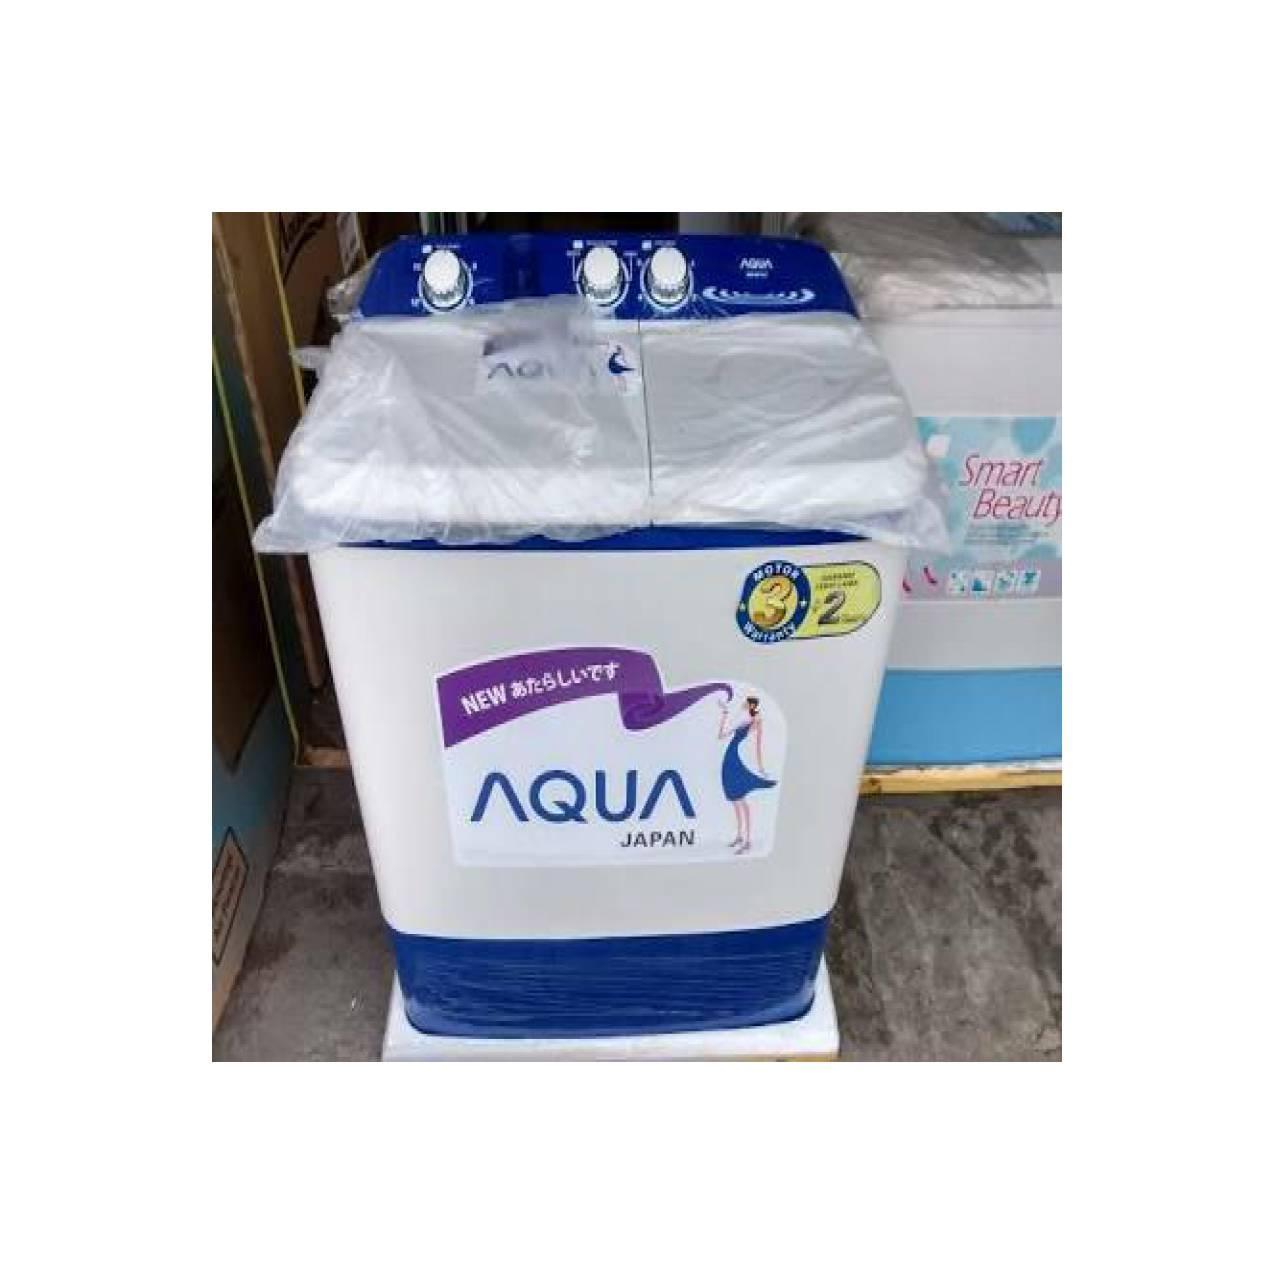 AQUA QW-871XT Mesin Cuci 2 Tabung 8kg (SANYO Berubah jadi AQUA)